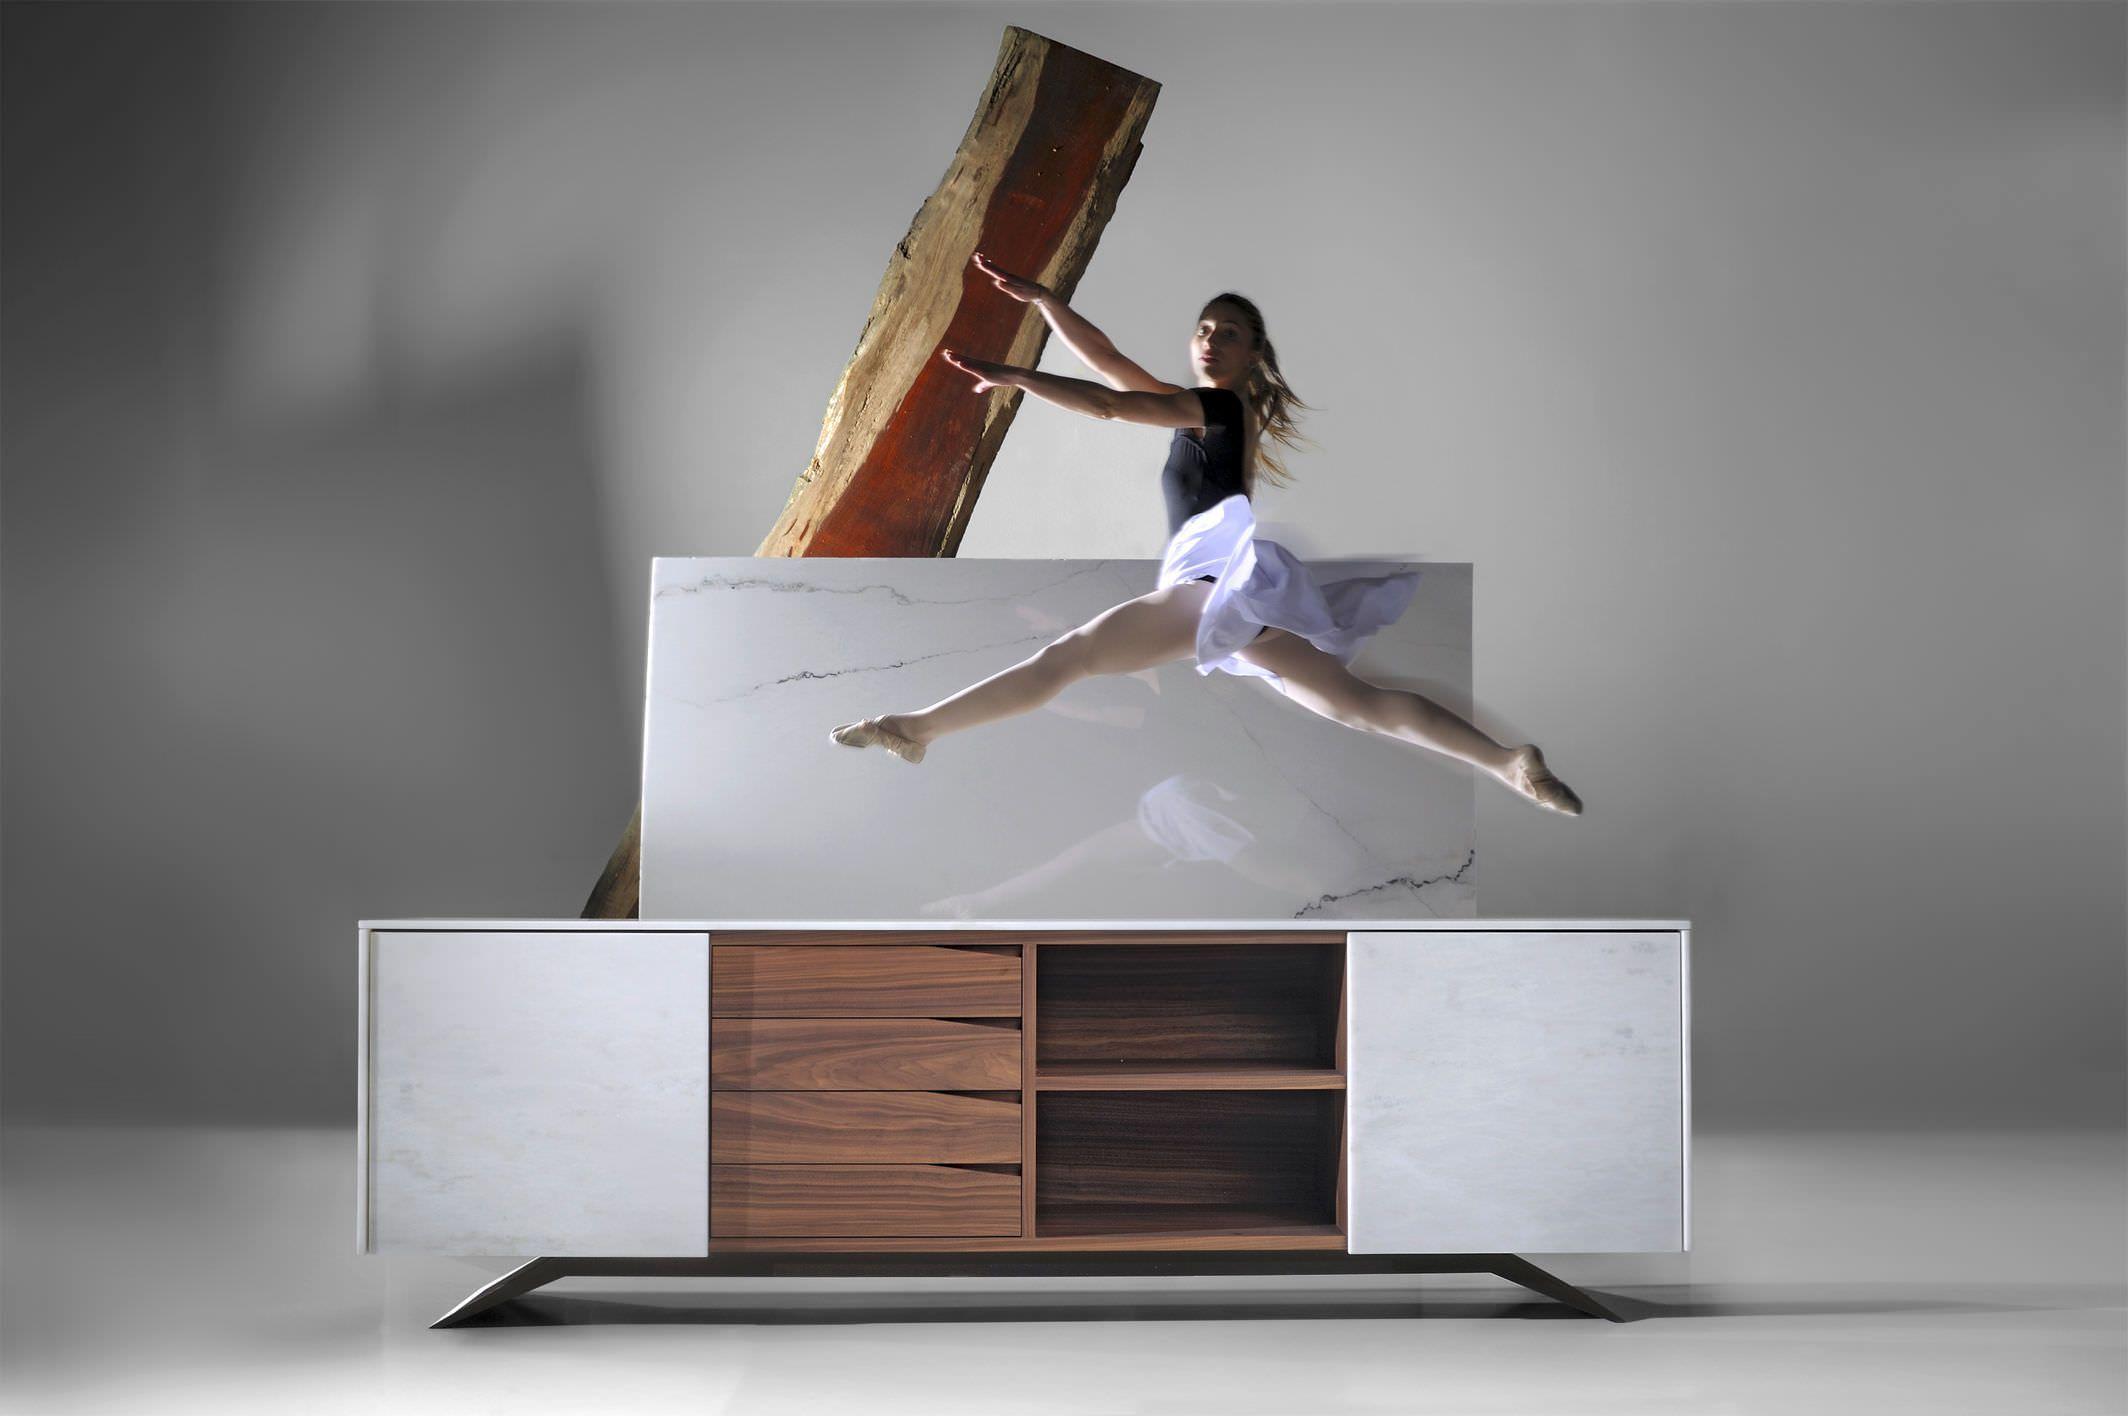 Credenza Moderna Bianca Legno : Credenza madia multiessenza in legno laccata bianca design moderno